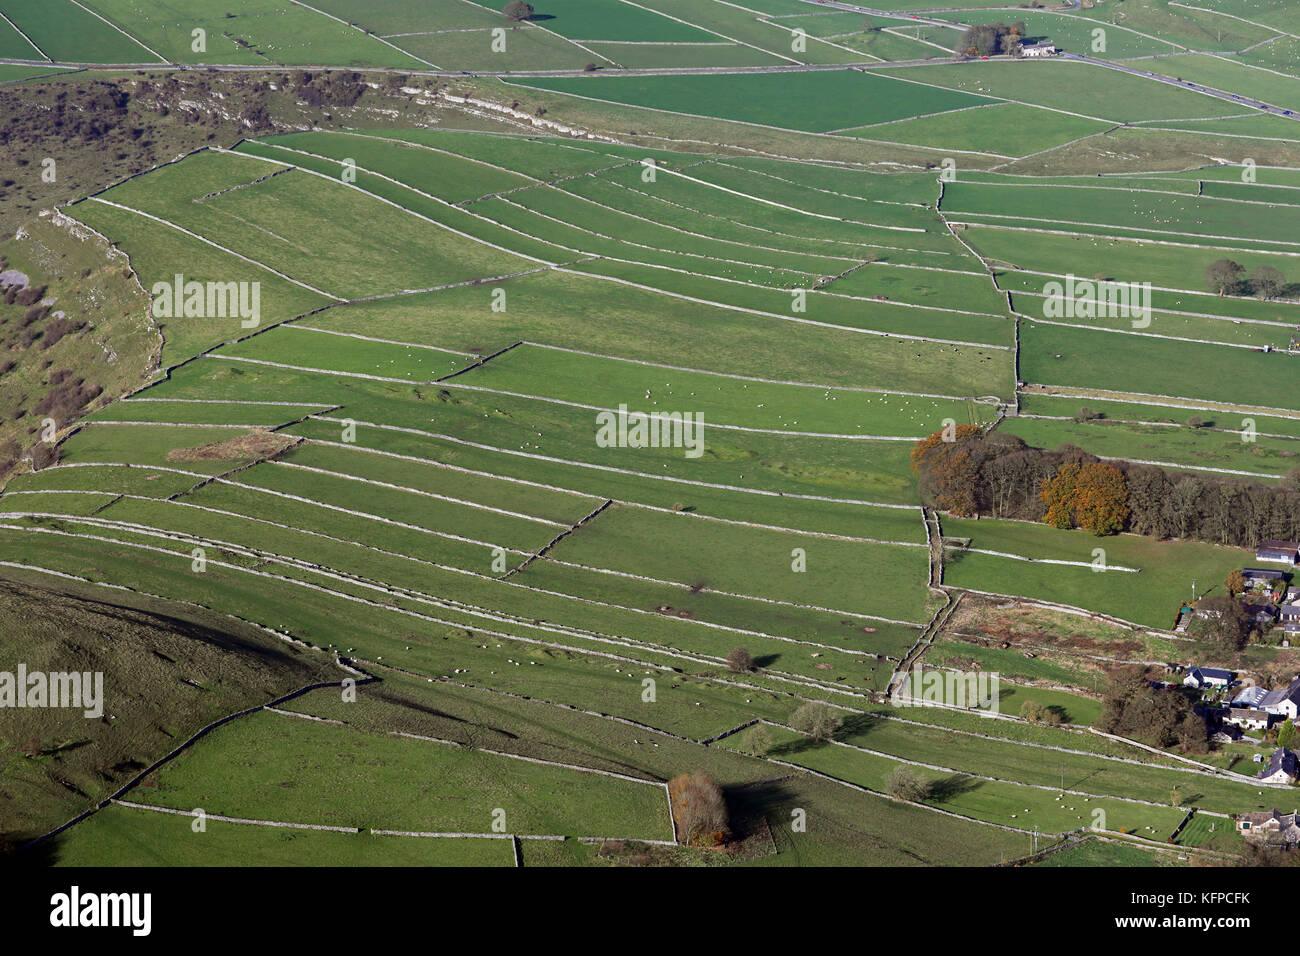 Vue aérienne des terres agricoles avec des murs en pierre sèche dans le Peak District, Angleterre Photo Stock